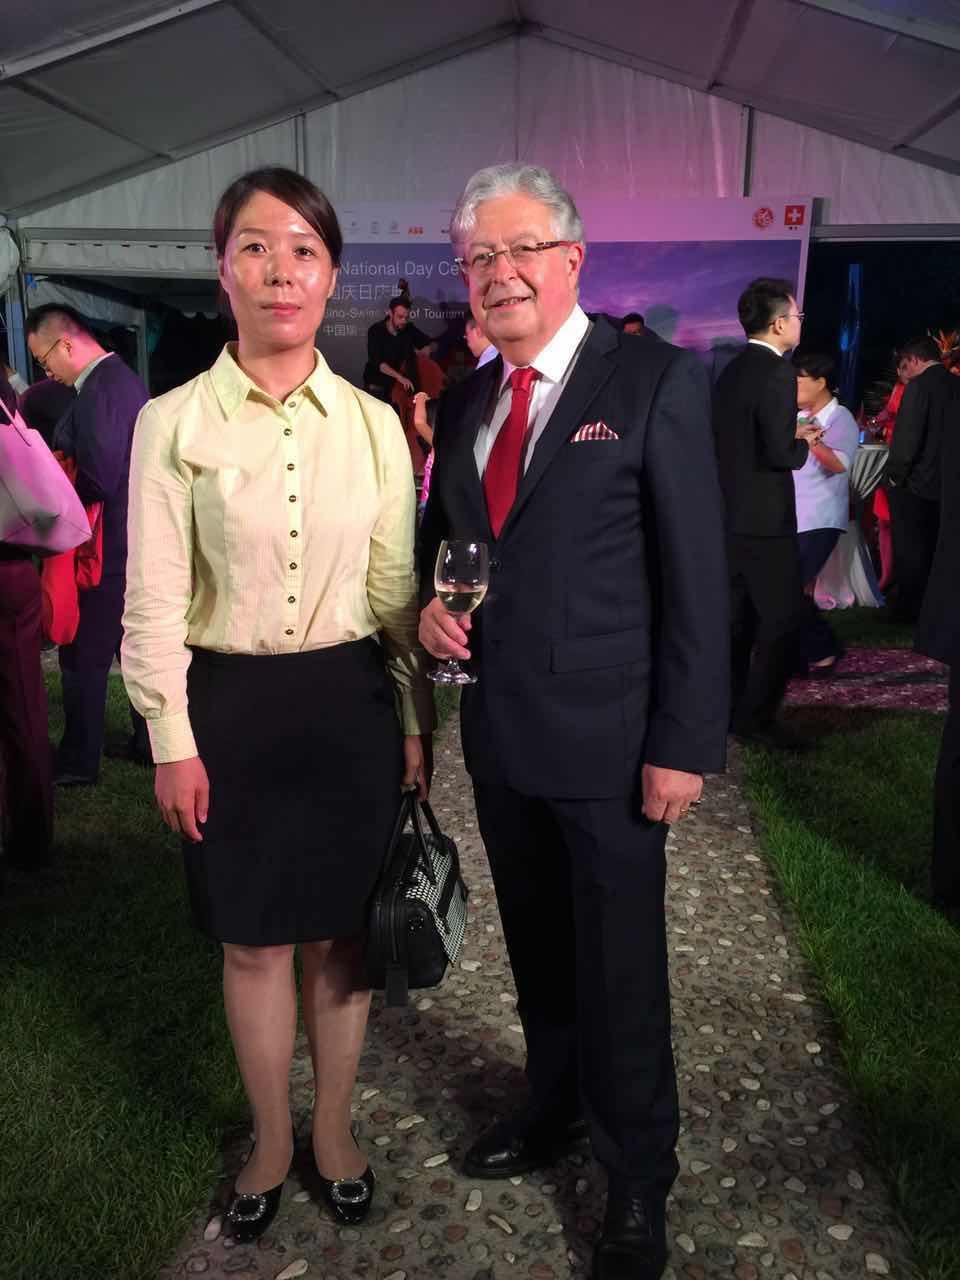 瑞士驻华大使戴尚贤阁下与组委会秘书长崔江红女士